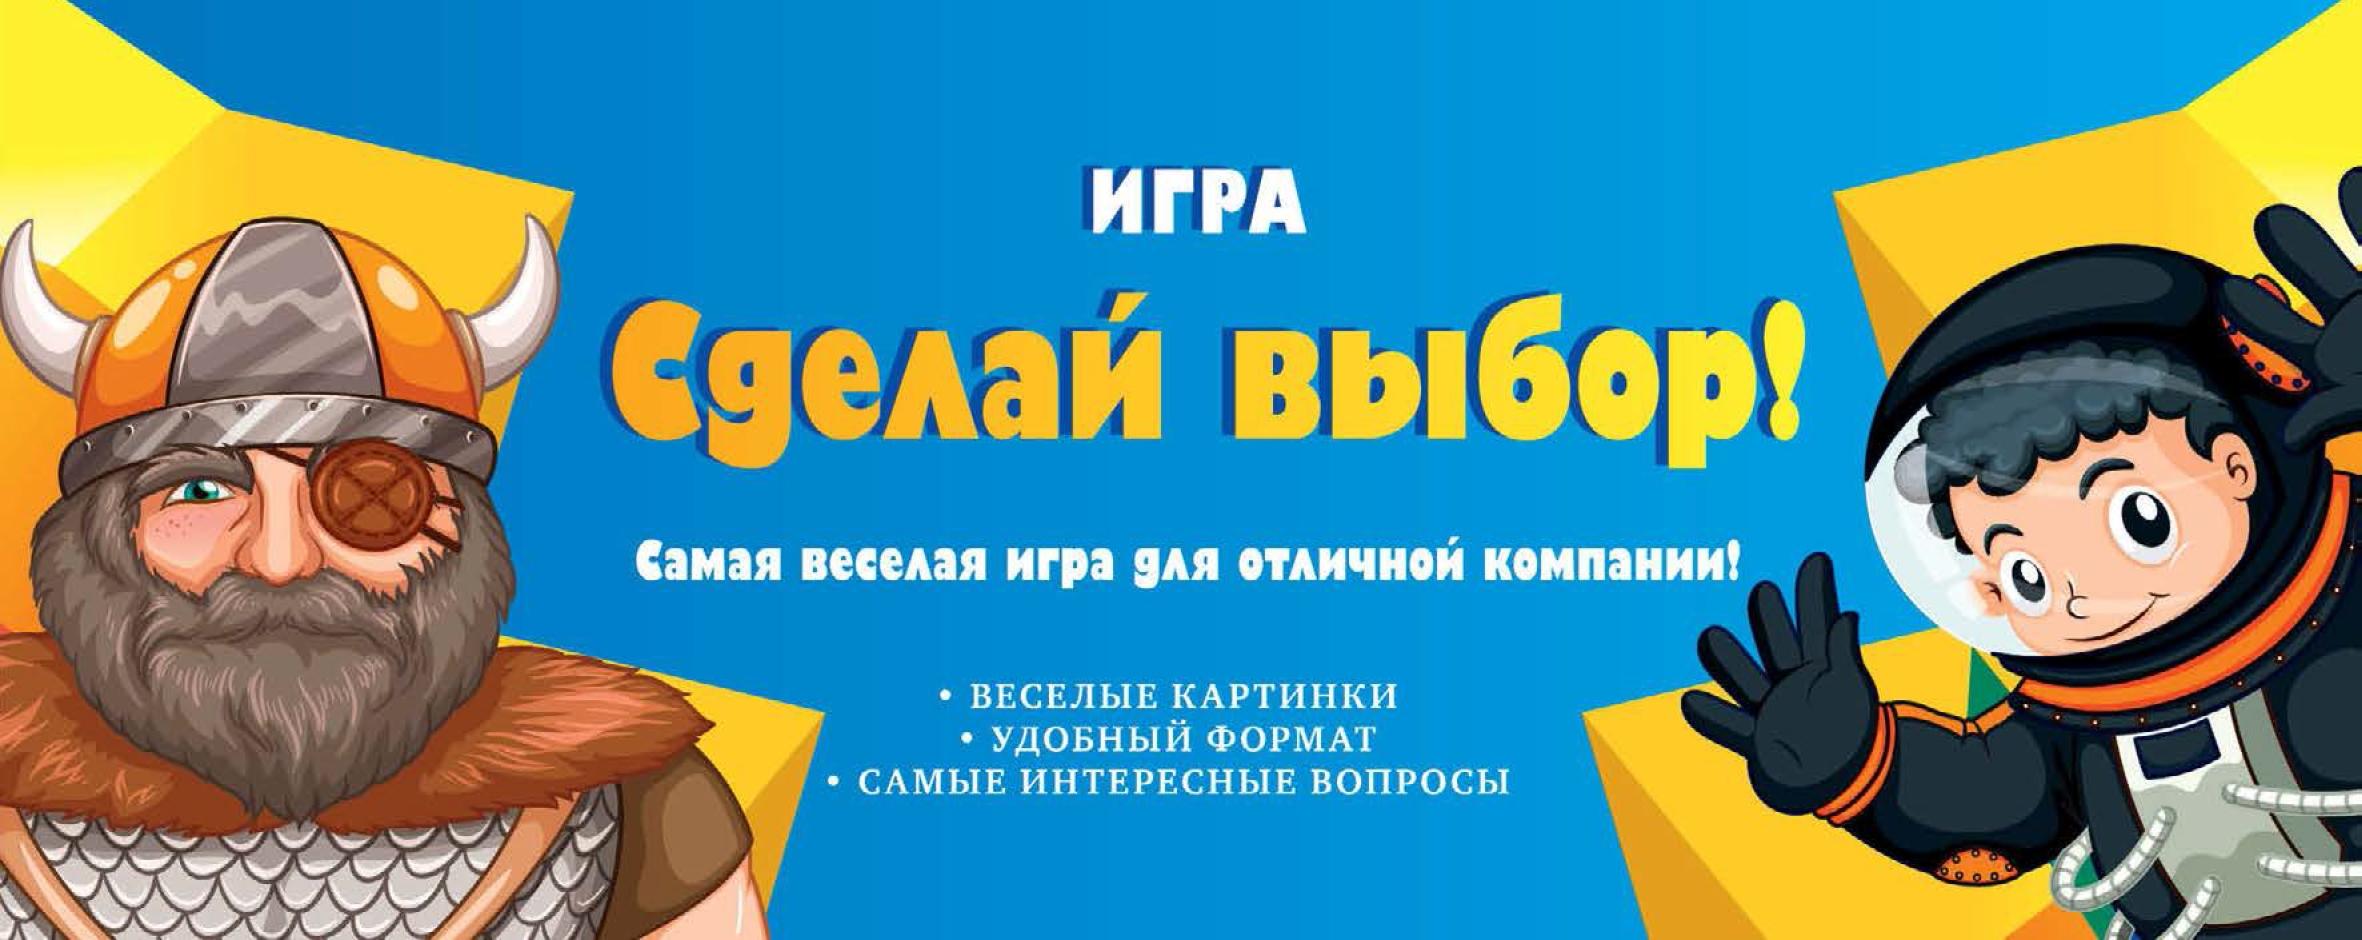 Ирина Парфенова Игра «Сделай выбор!»